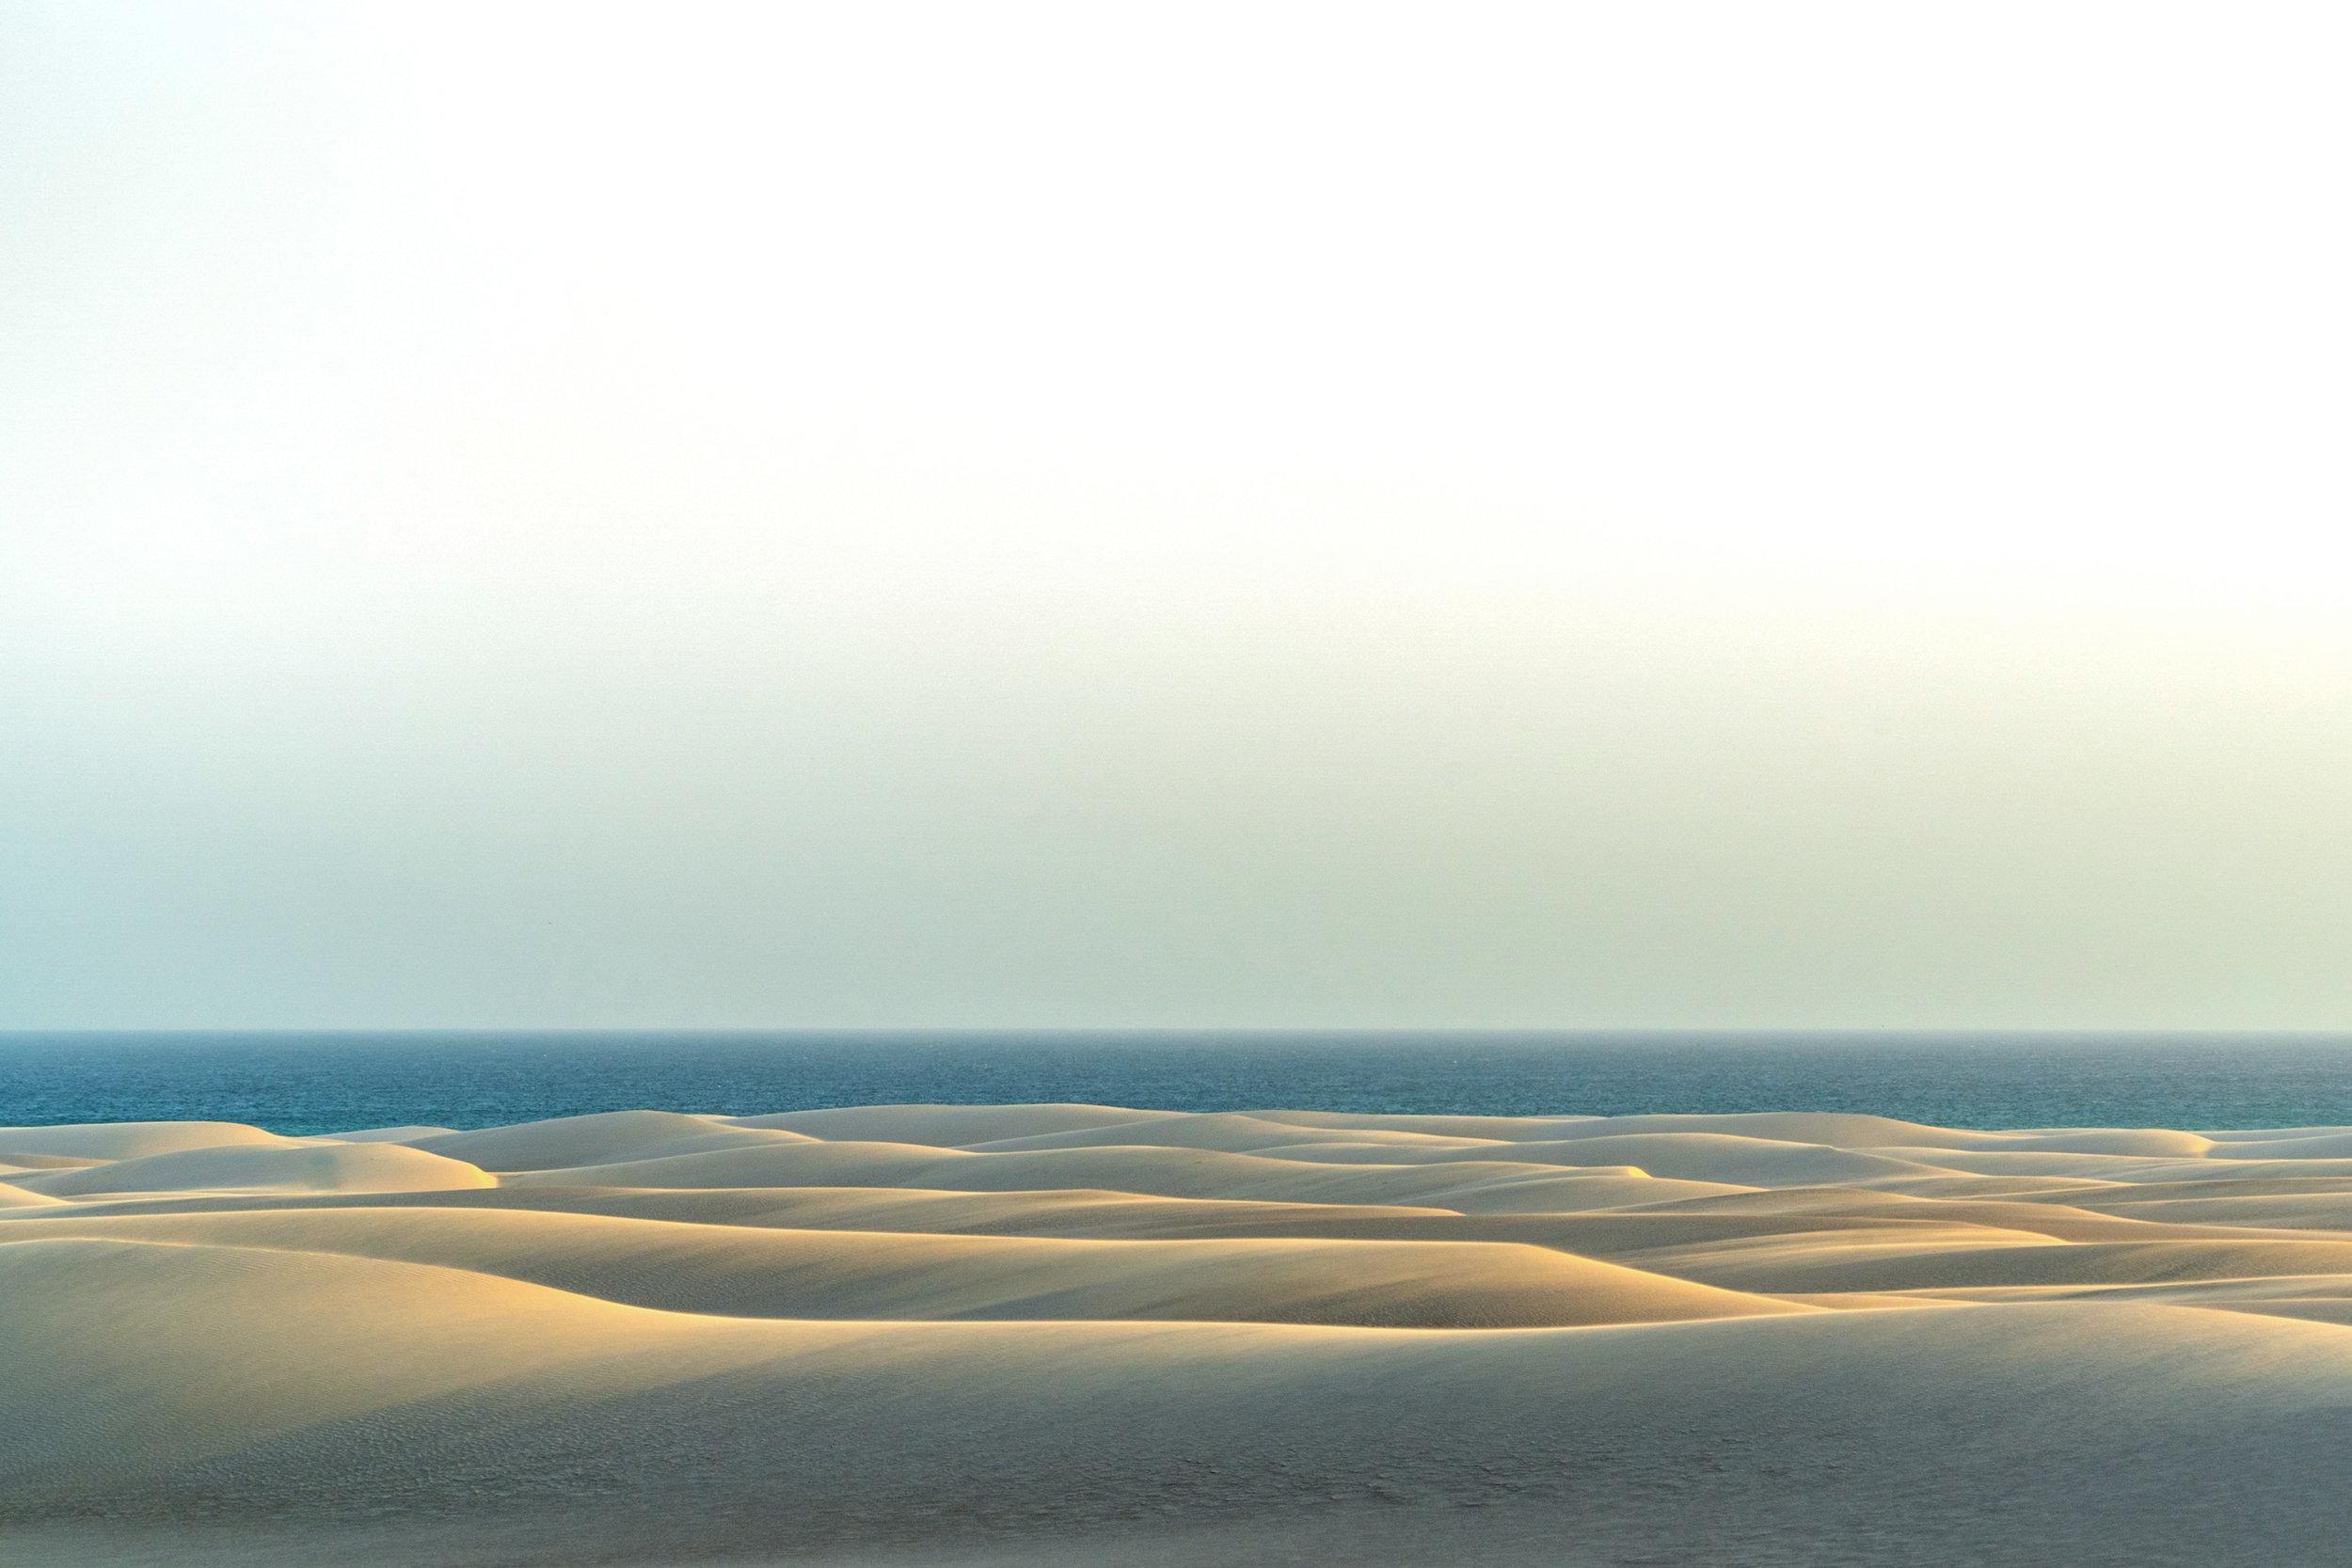 Zaheq Sand Dunes